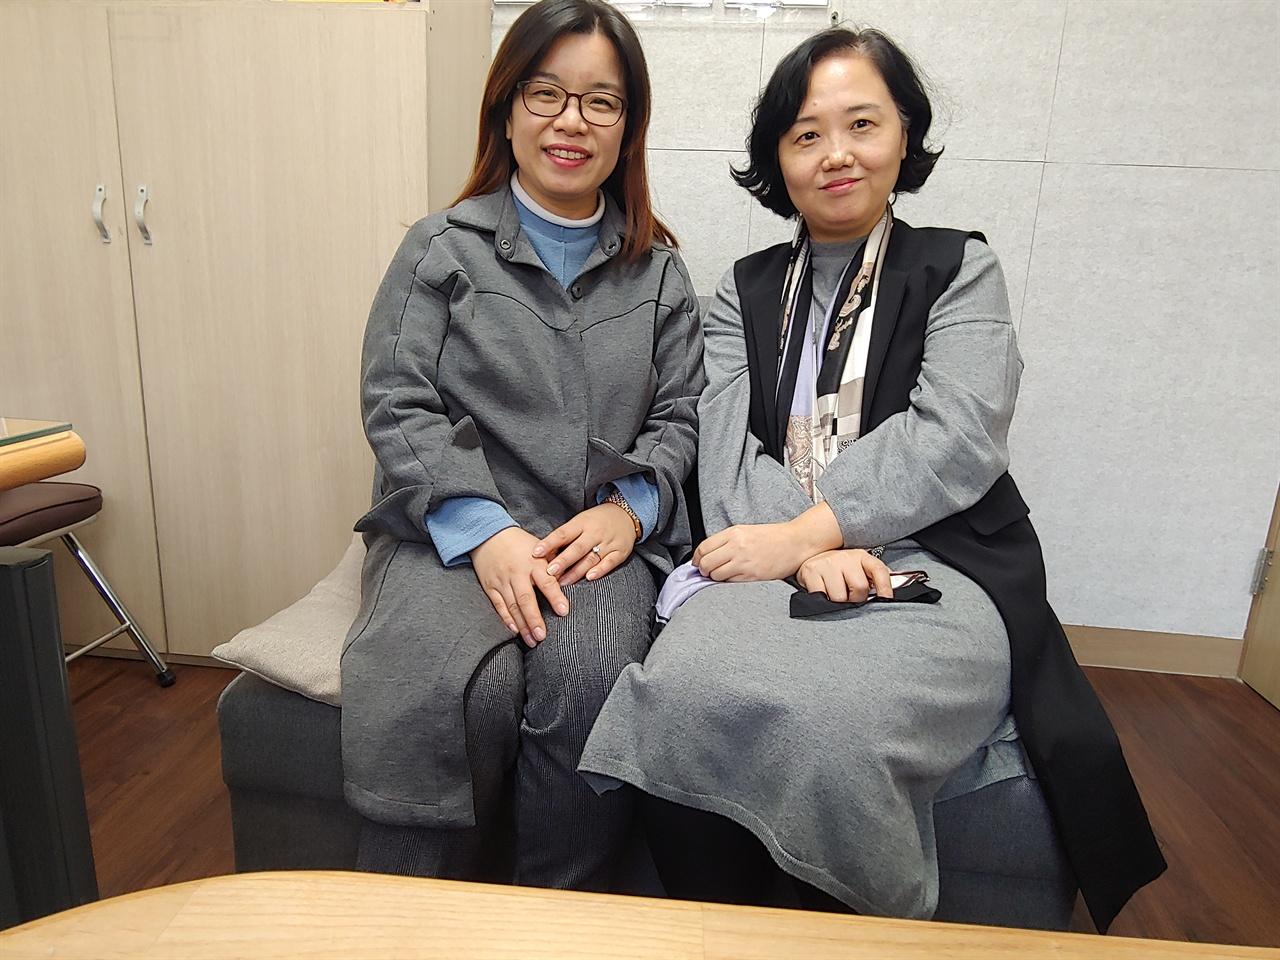 정현주 대전1366 센터장 왼쪽이 대전1366 정현주 센터장